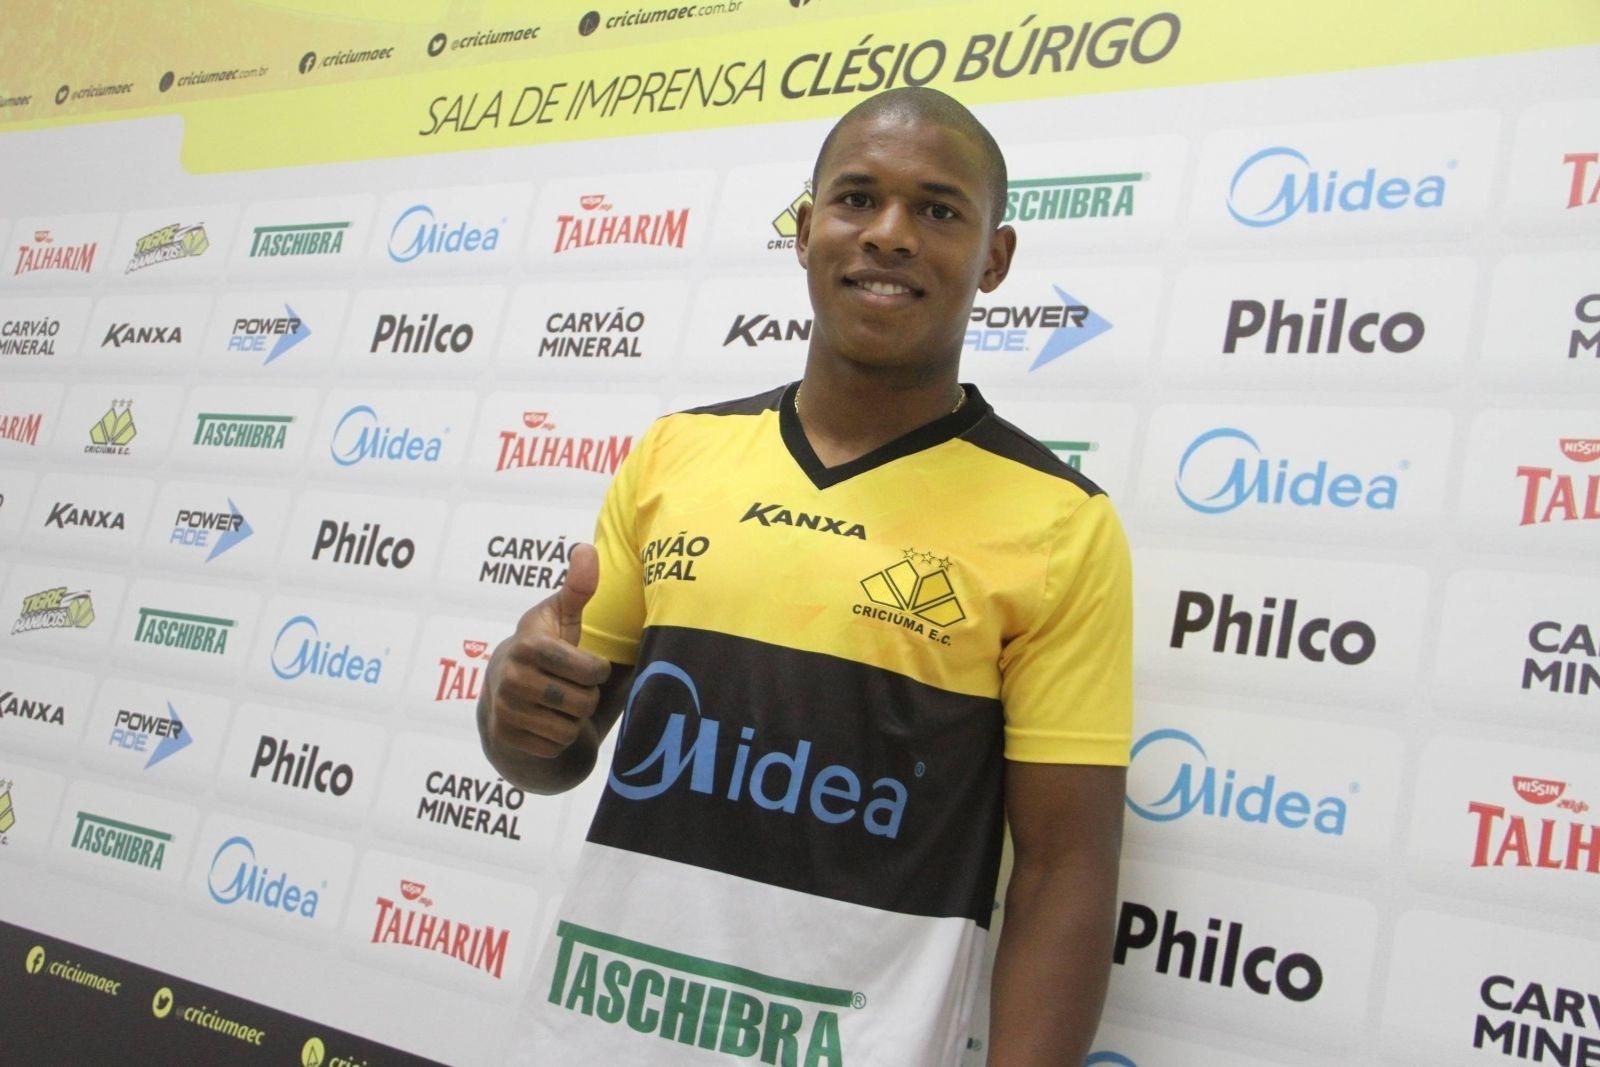 O lateral direito Luis Felipe estava no Benfica antes de acertar com o Criciúma